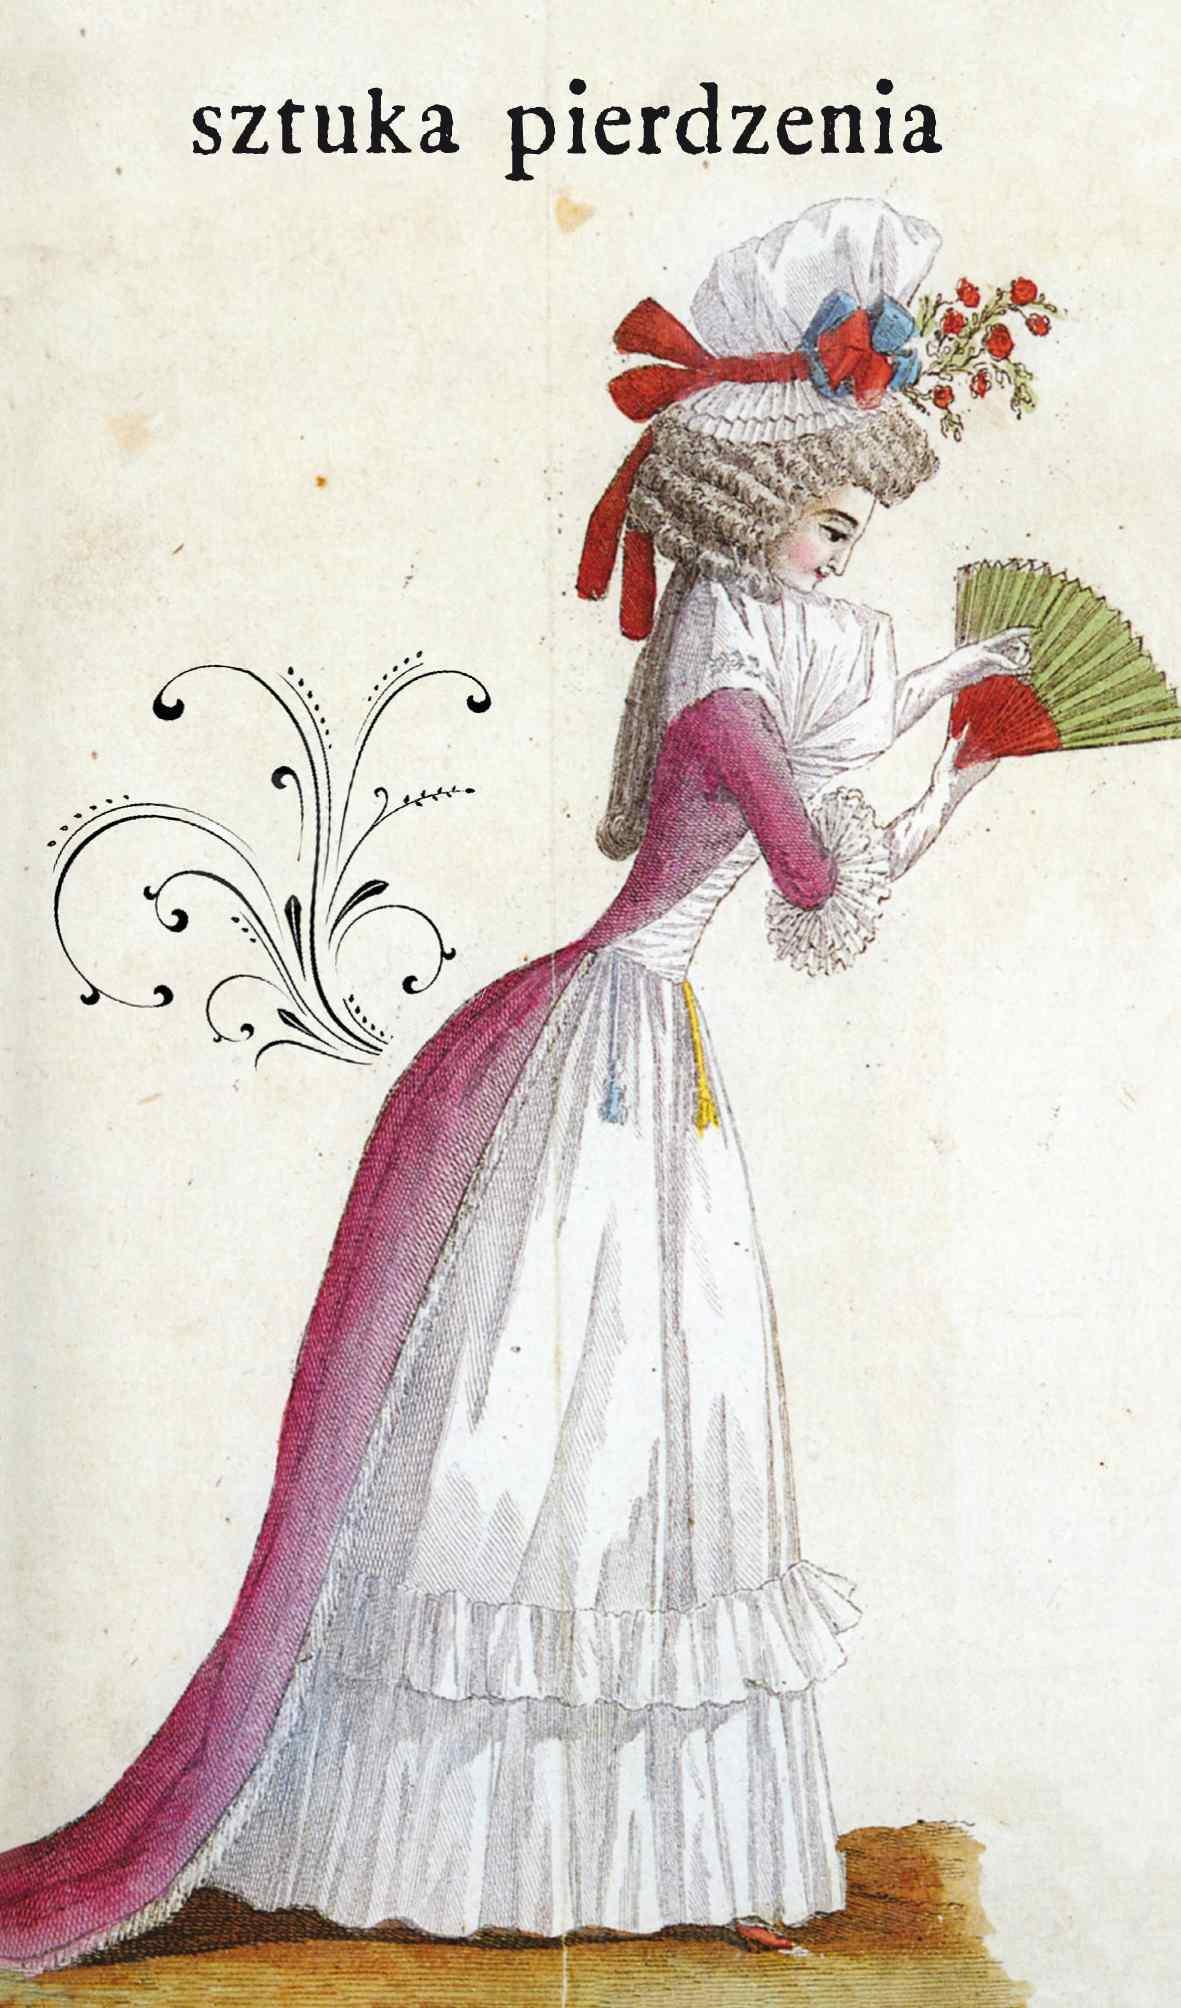 Sztuka pierdzenia - Ebook (Książka na Kindle) do pobrania w formacie MOBI